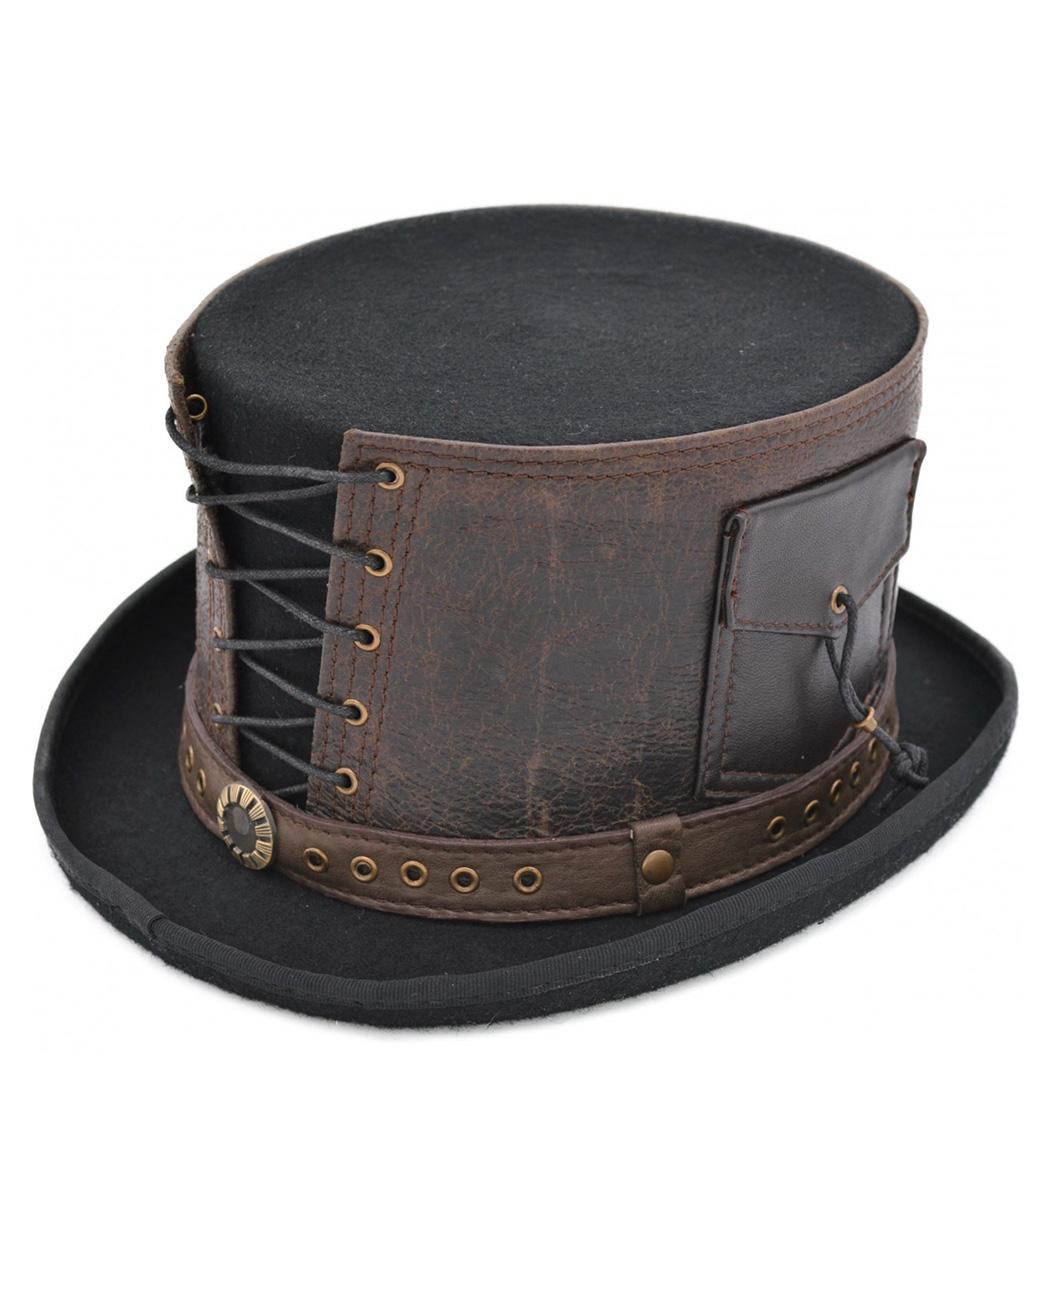 performance sportswear high fashion genuine shoes Chapeau haut de forme feutrine noire, cuir marron avec laçages et poches,  steampunk Référence : ACCCHA382